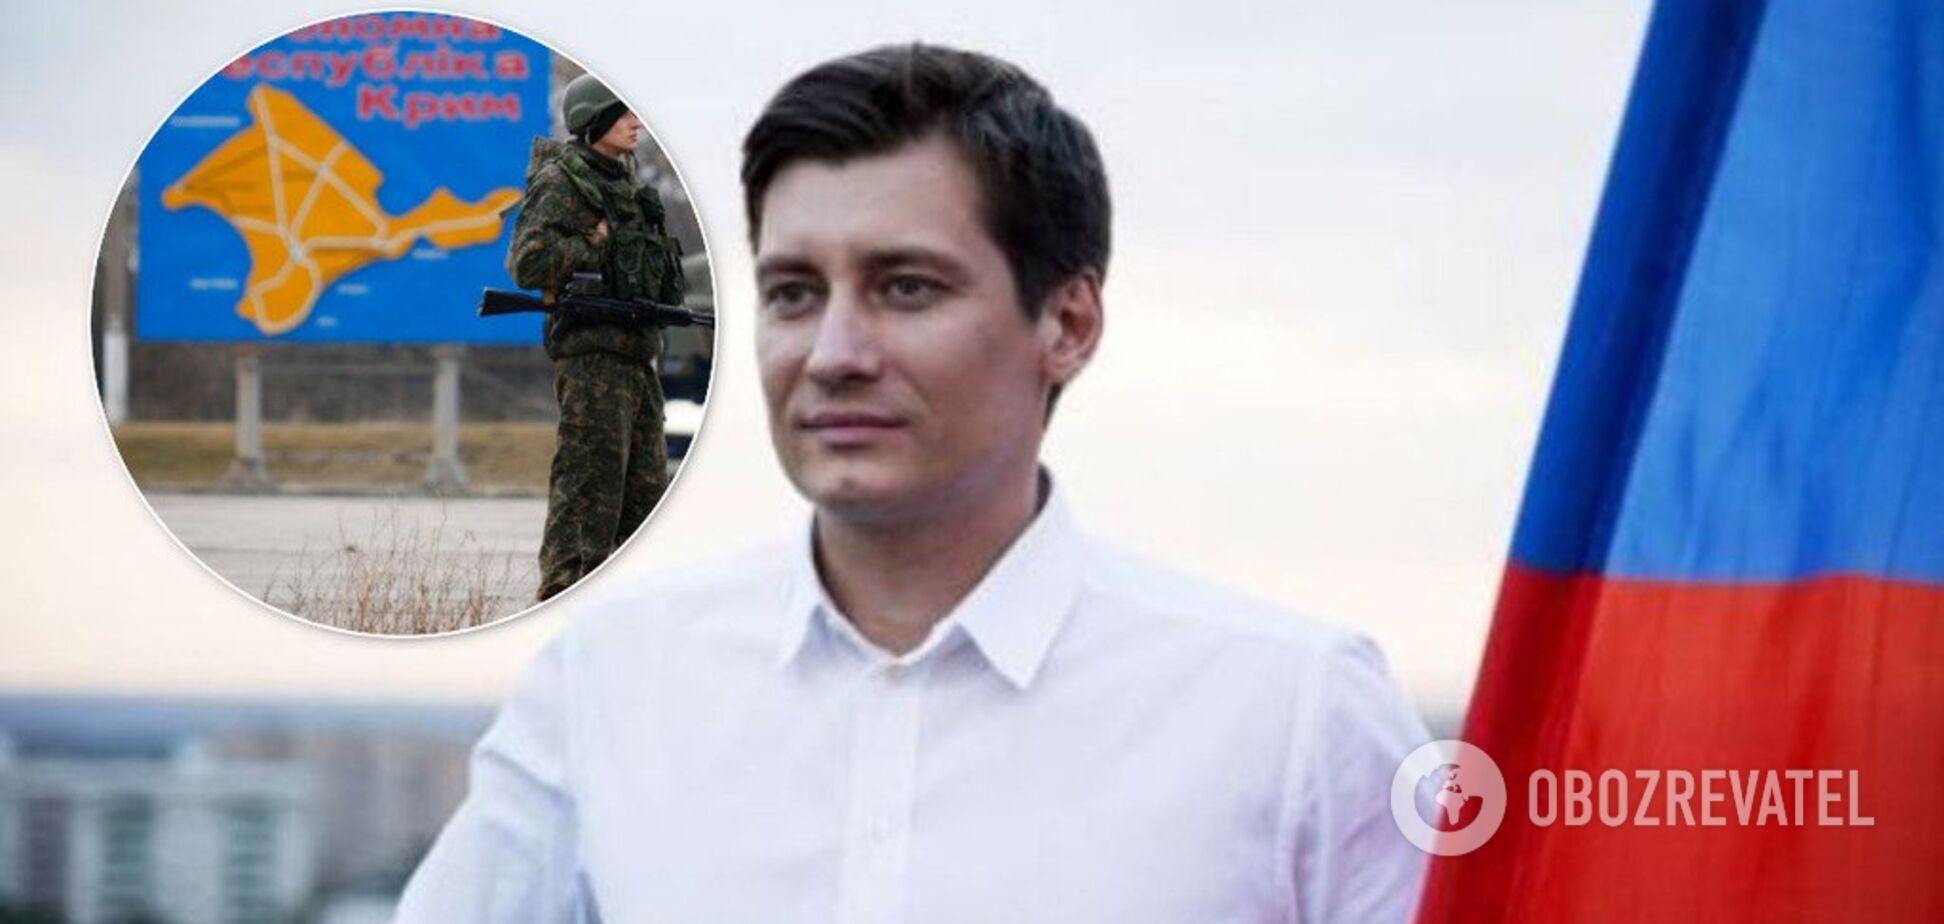 Зеленського в РФ бути не може, це путінська Росія – російський опозиціонер